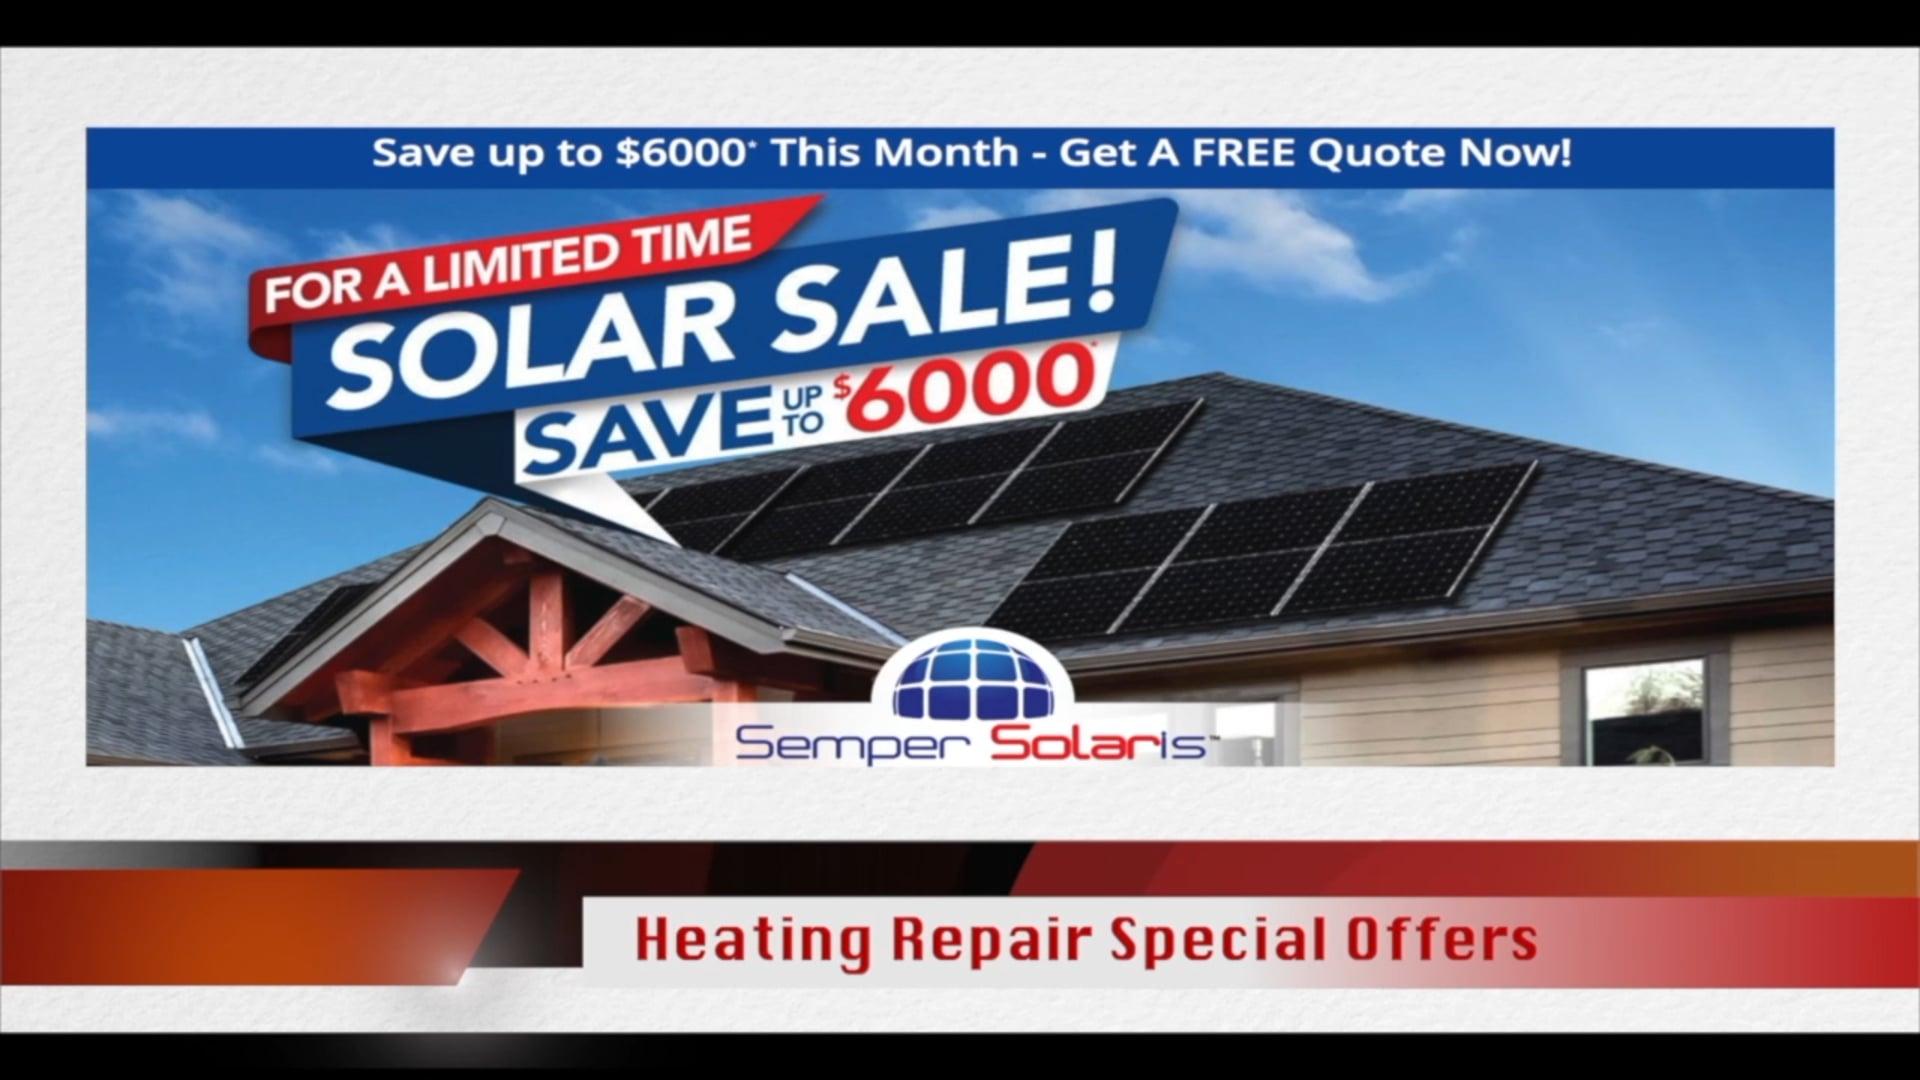 Chula Vista HVAC Special Offers   Best Heating Repair Deals in Chula Vista Ca